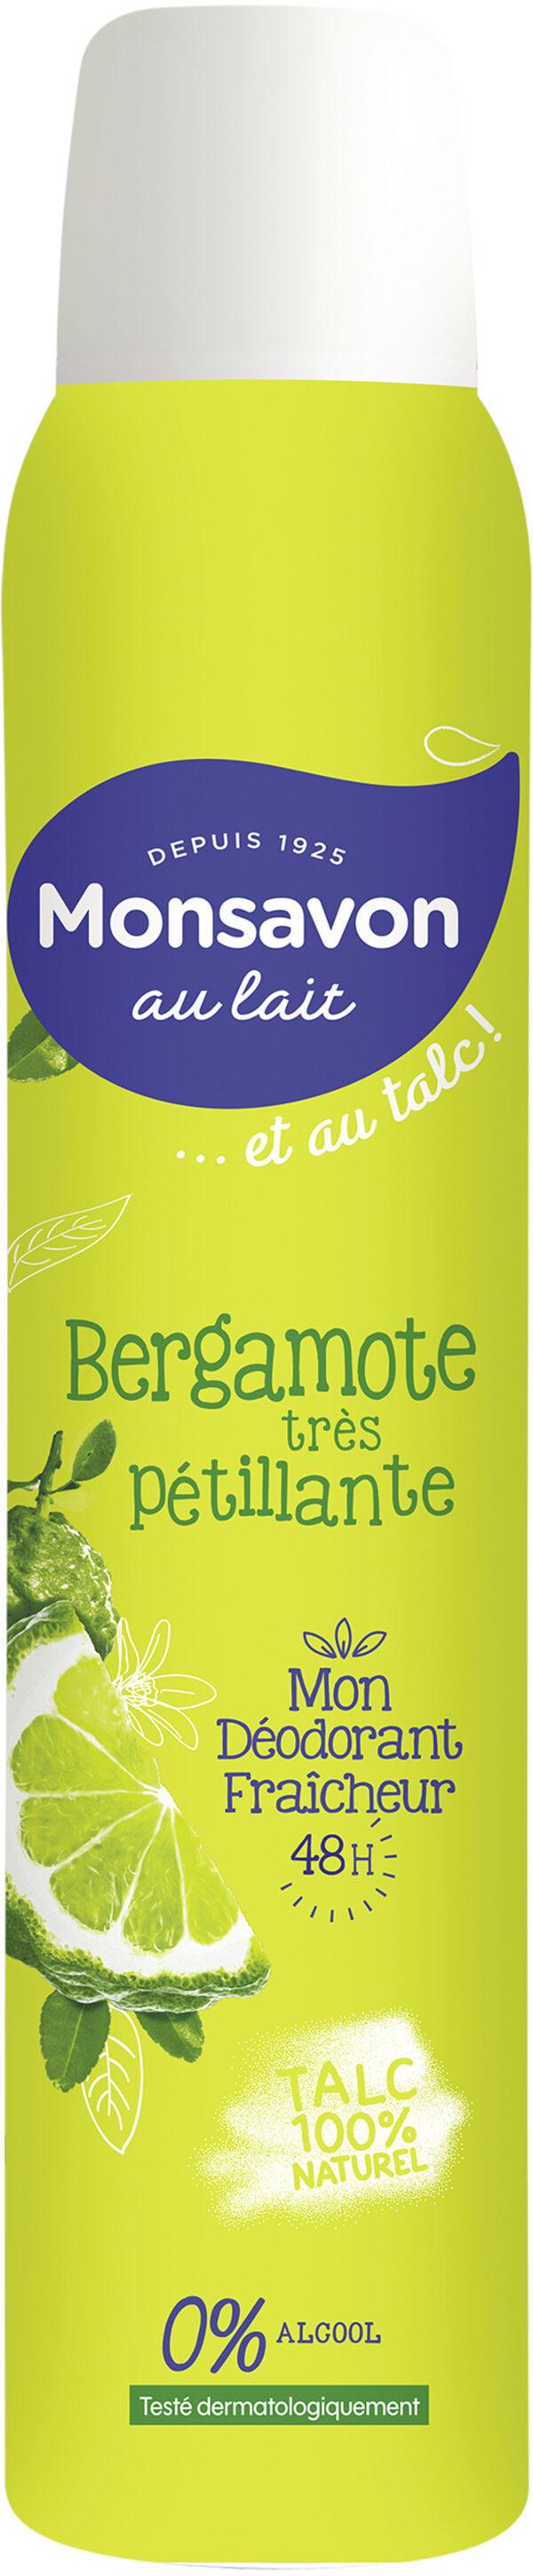 Monsavon Au Lait Déodorant Femme Spray Antibactérien au Talc Senteur Bergamote très pétillante Spray - Product - fr